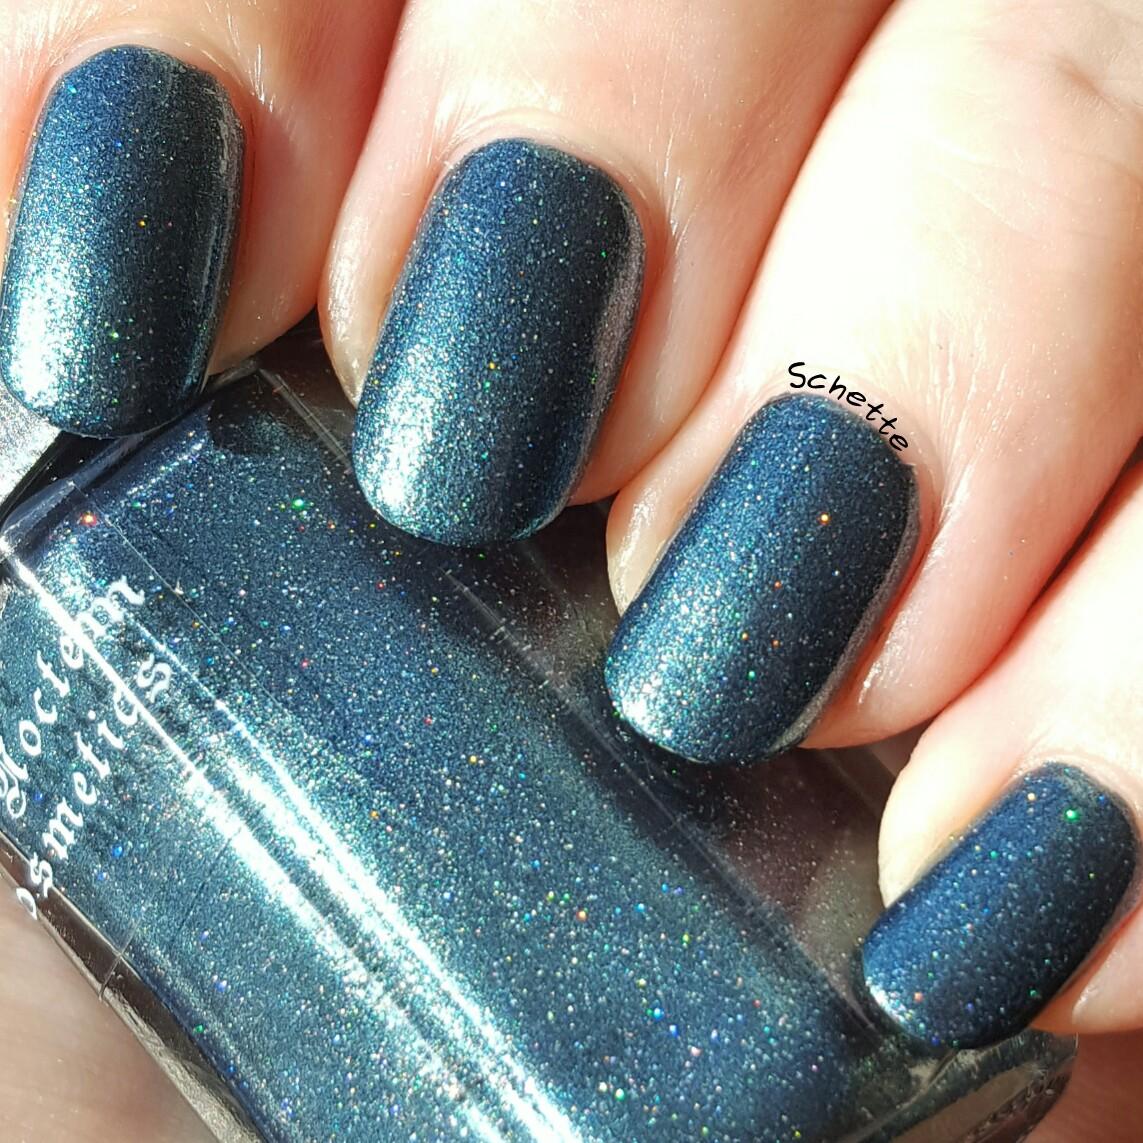 Carpe Noctem Cosmetics - Lakeside Reflection